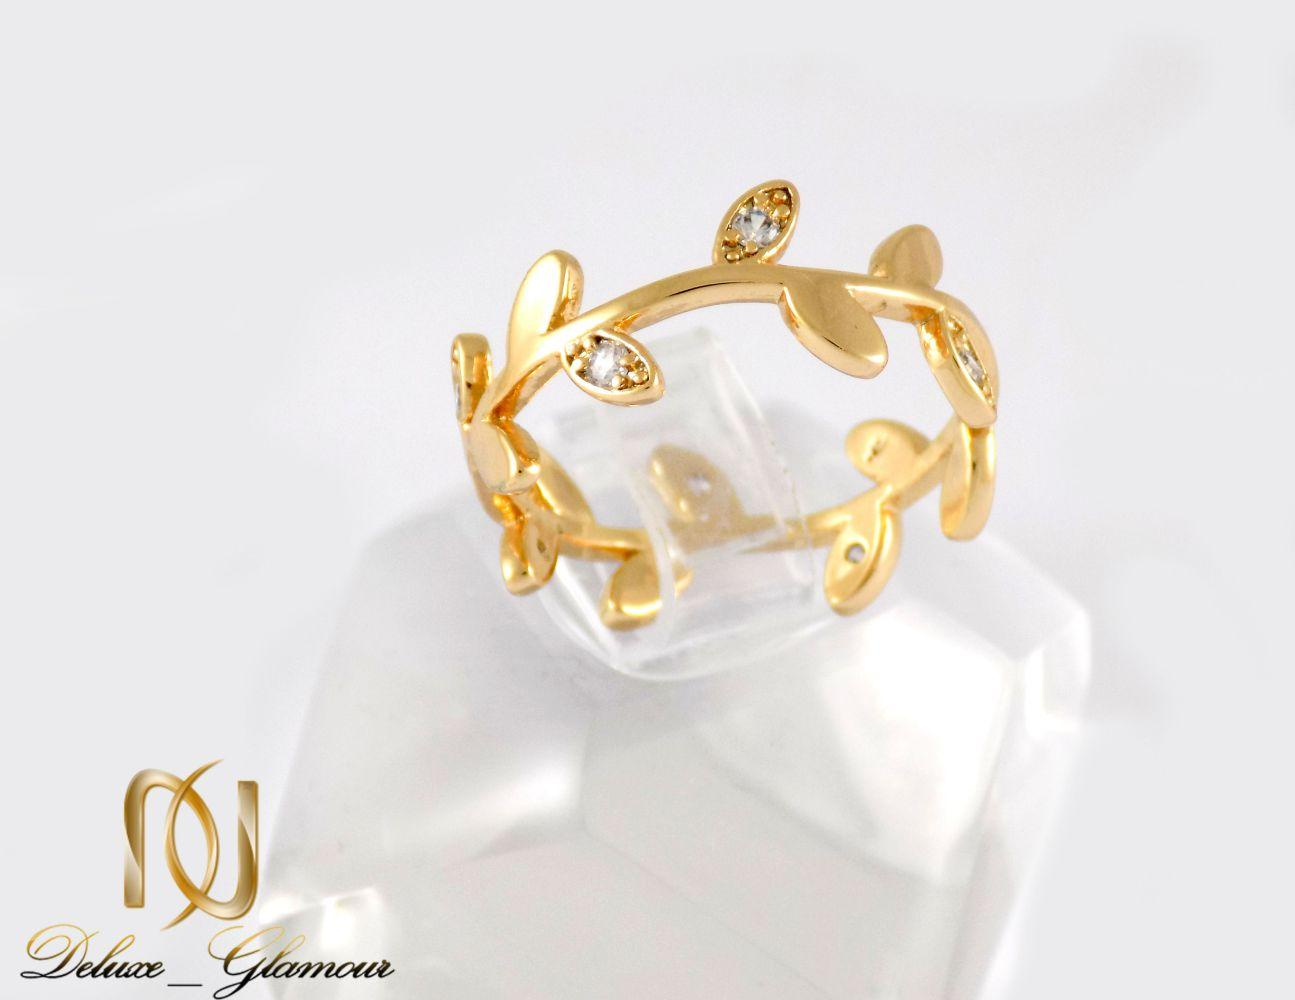 انگشتر دخترانه ژوپینگ با طرح برگ و روکش آب طلا dl-s122